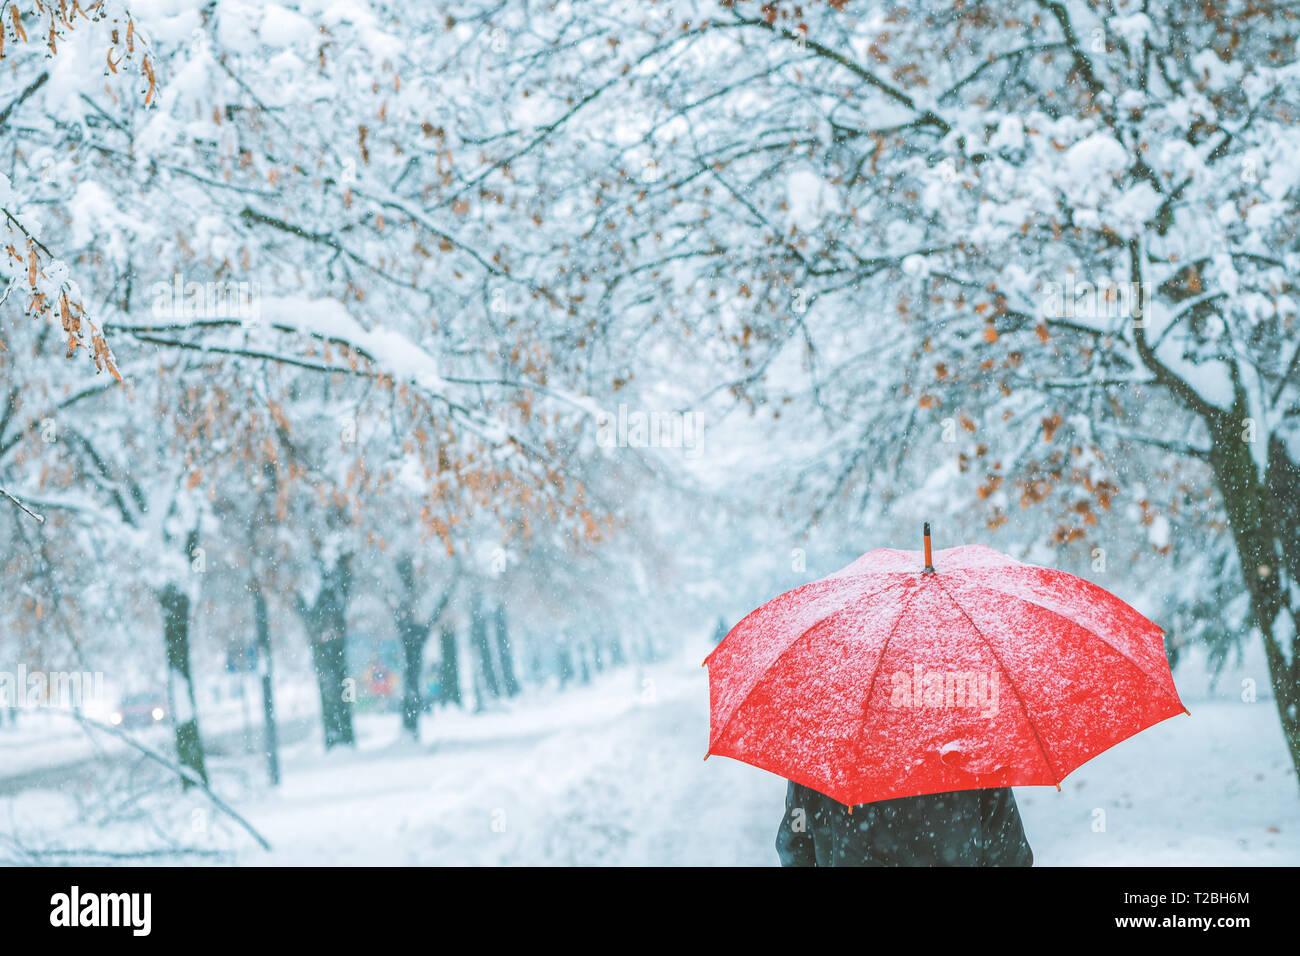 Mujer bajo la sombrilla roja en la nieve disfrutando de la primera nevada de la temporada de invierno Imagen De Stock